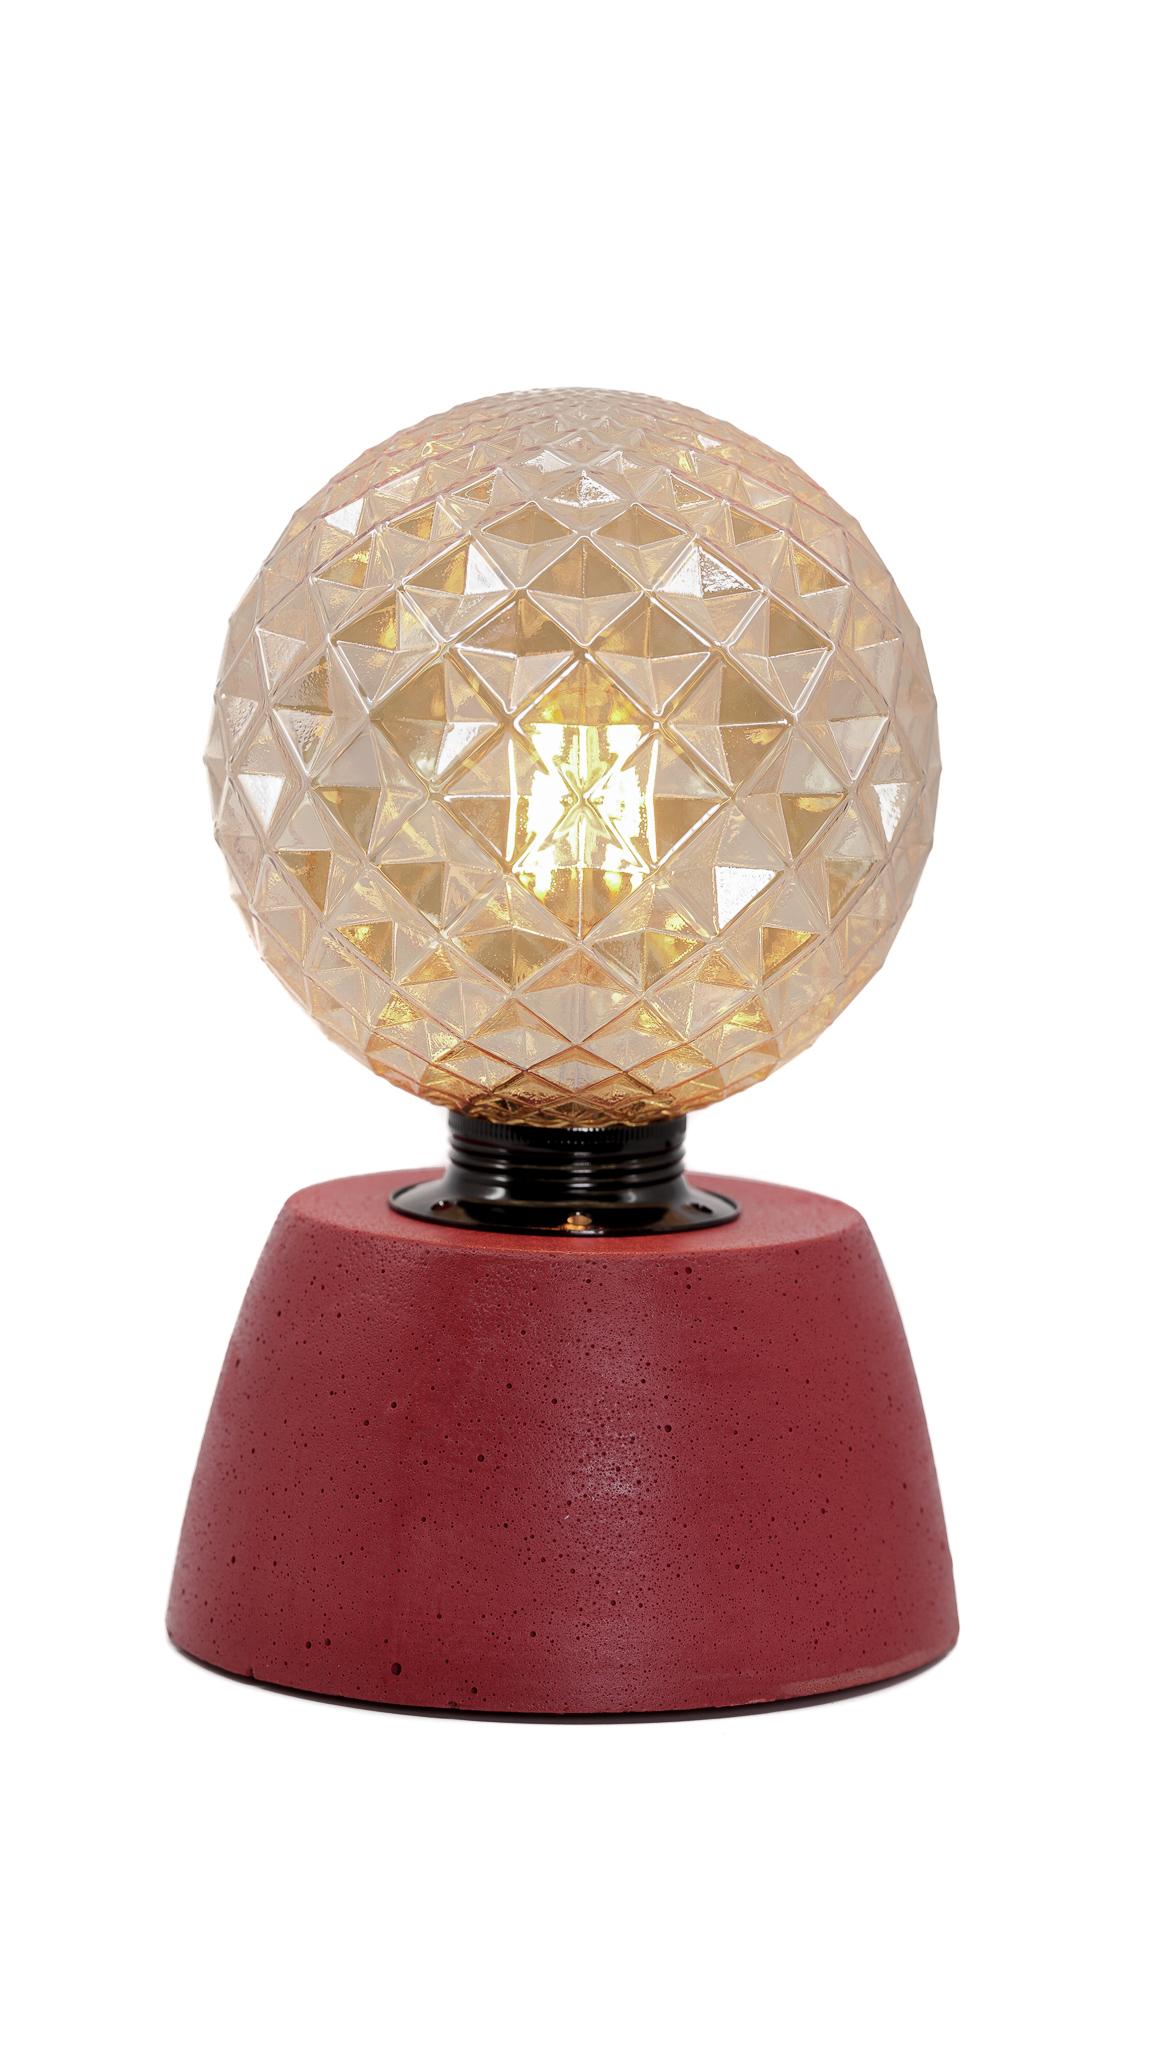 Lampe dôme diamant béton rouge fabrication artisanale